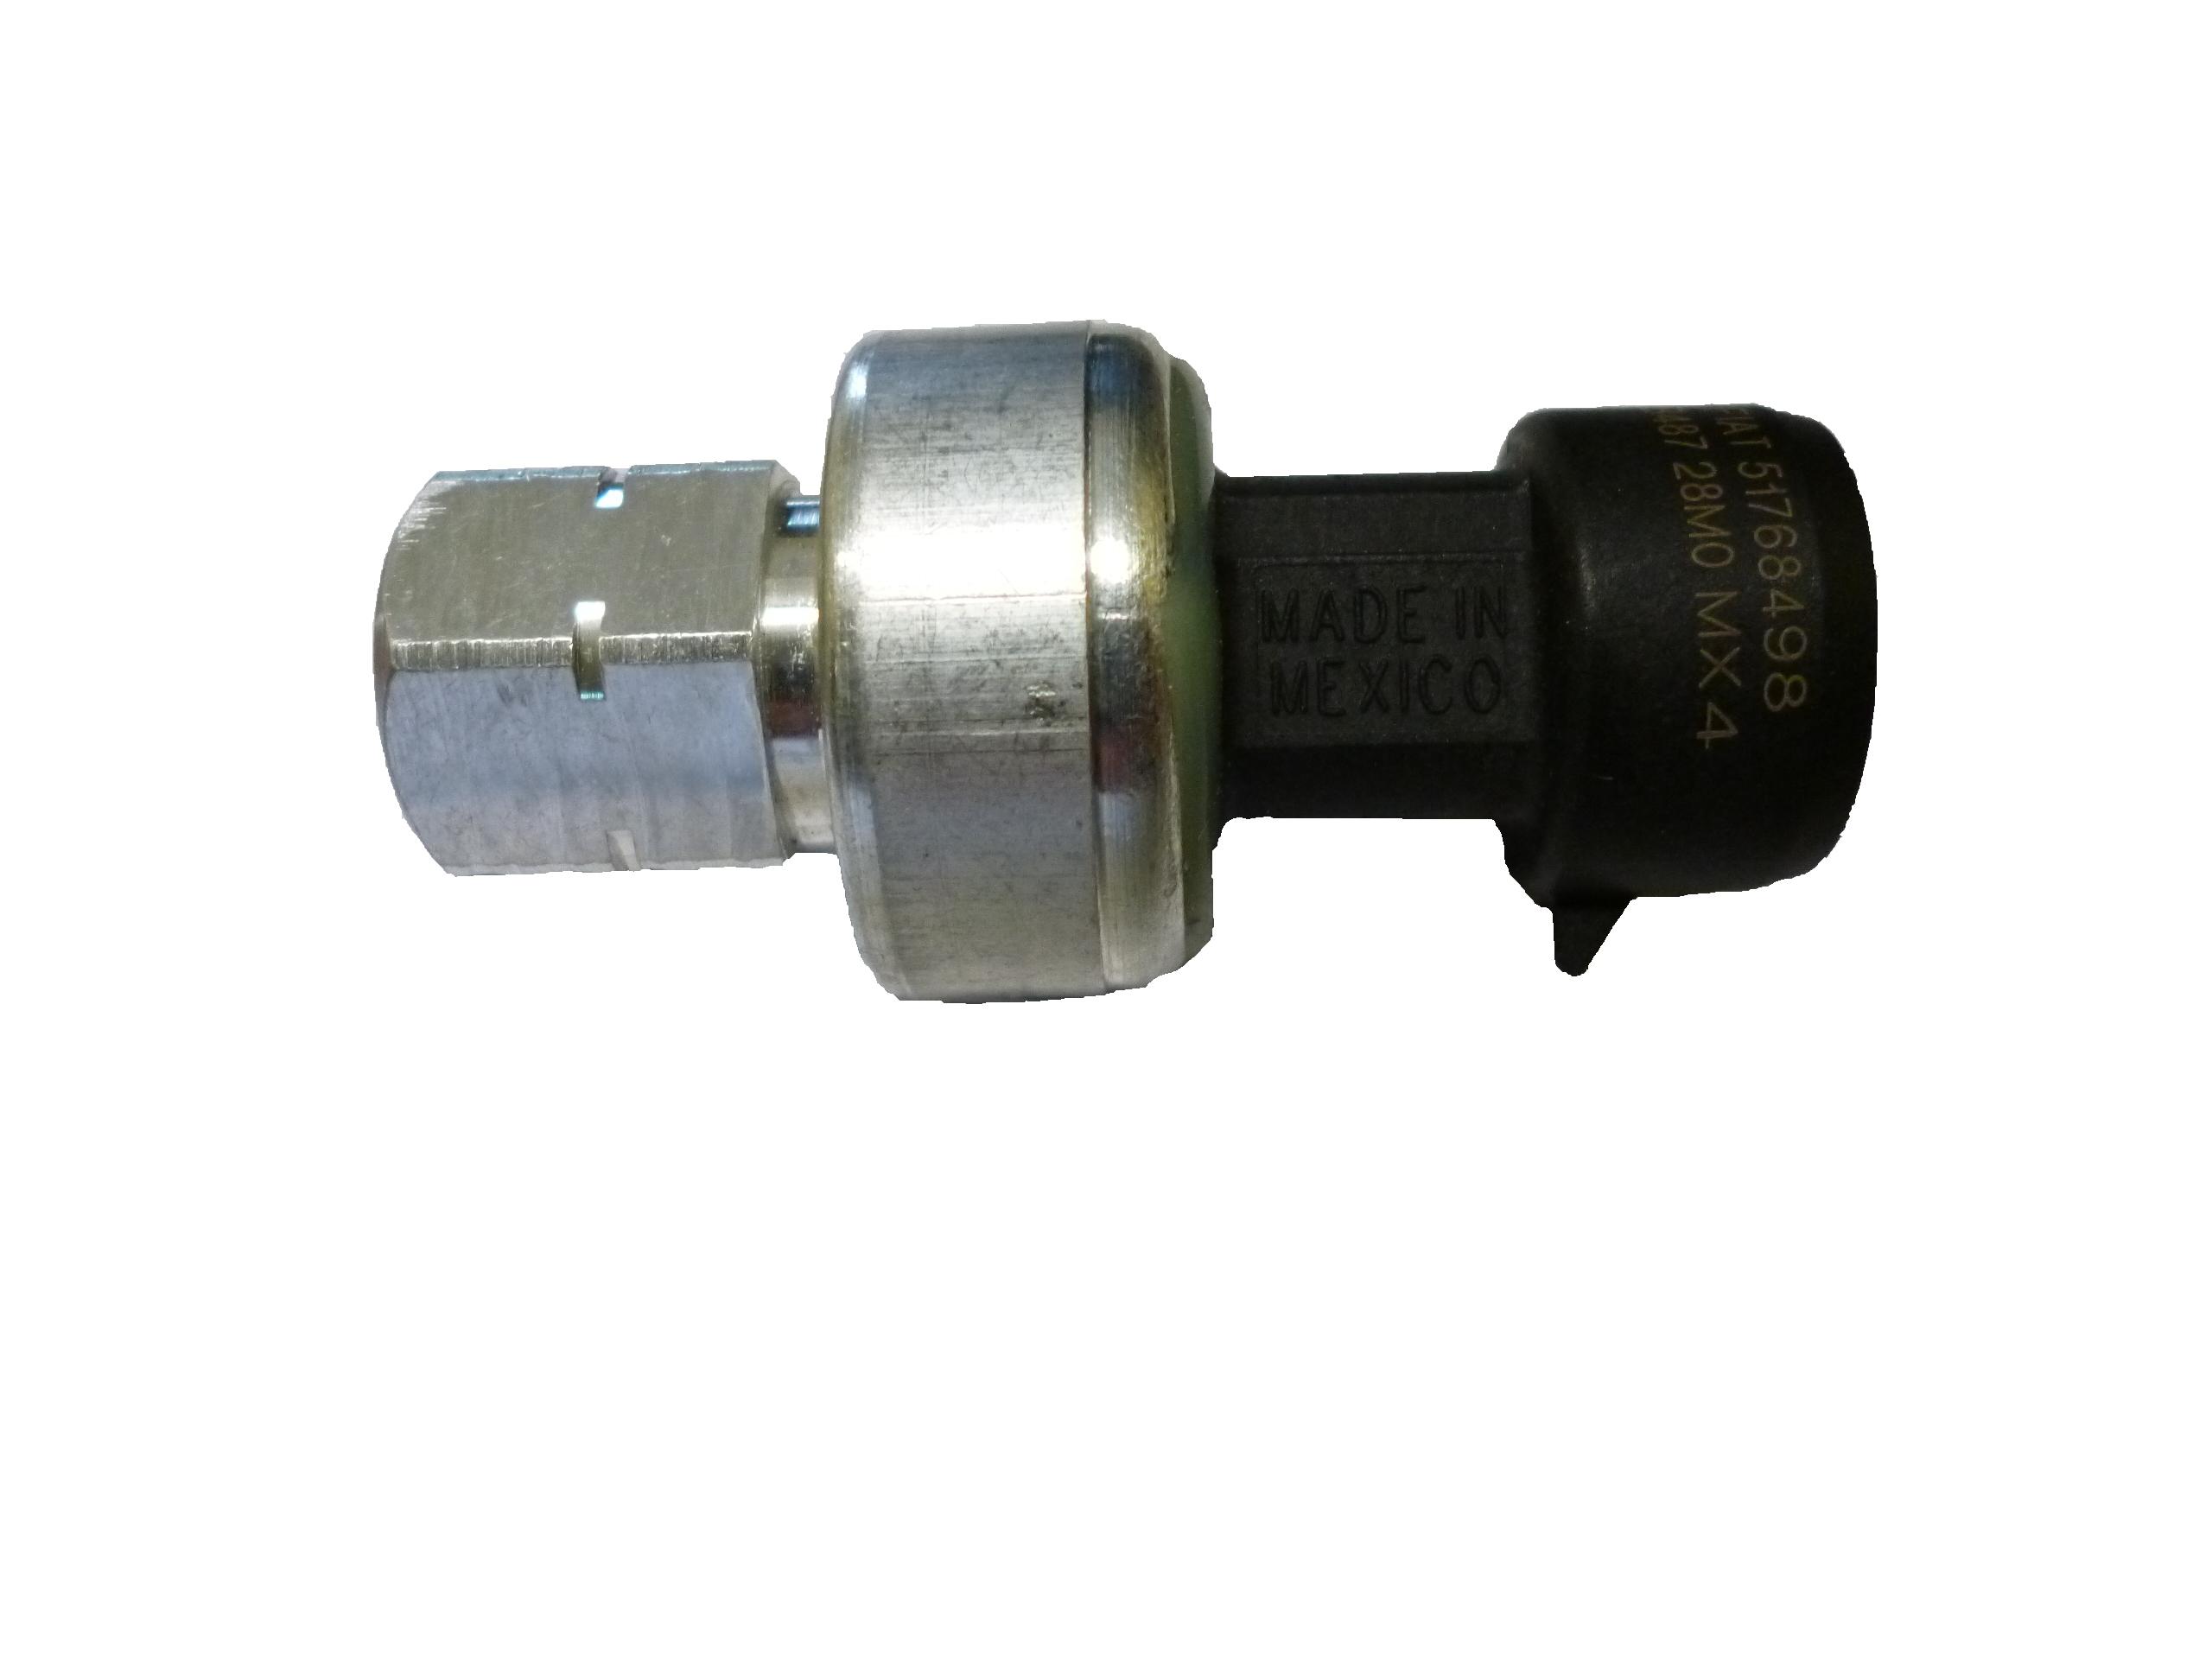 датчик давления кондиционирования воздуха opel astra g орг